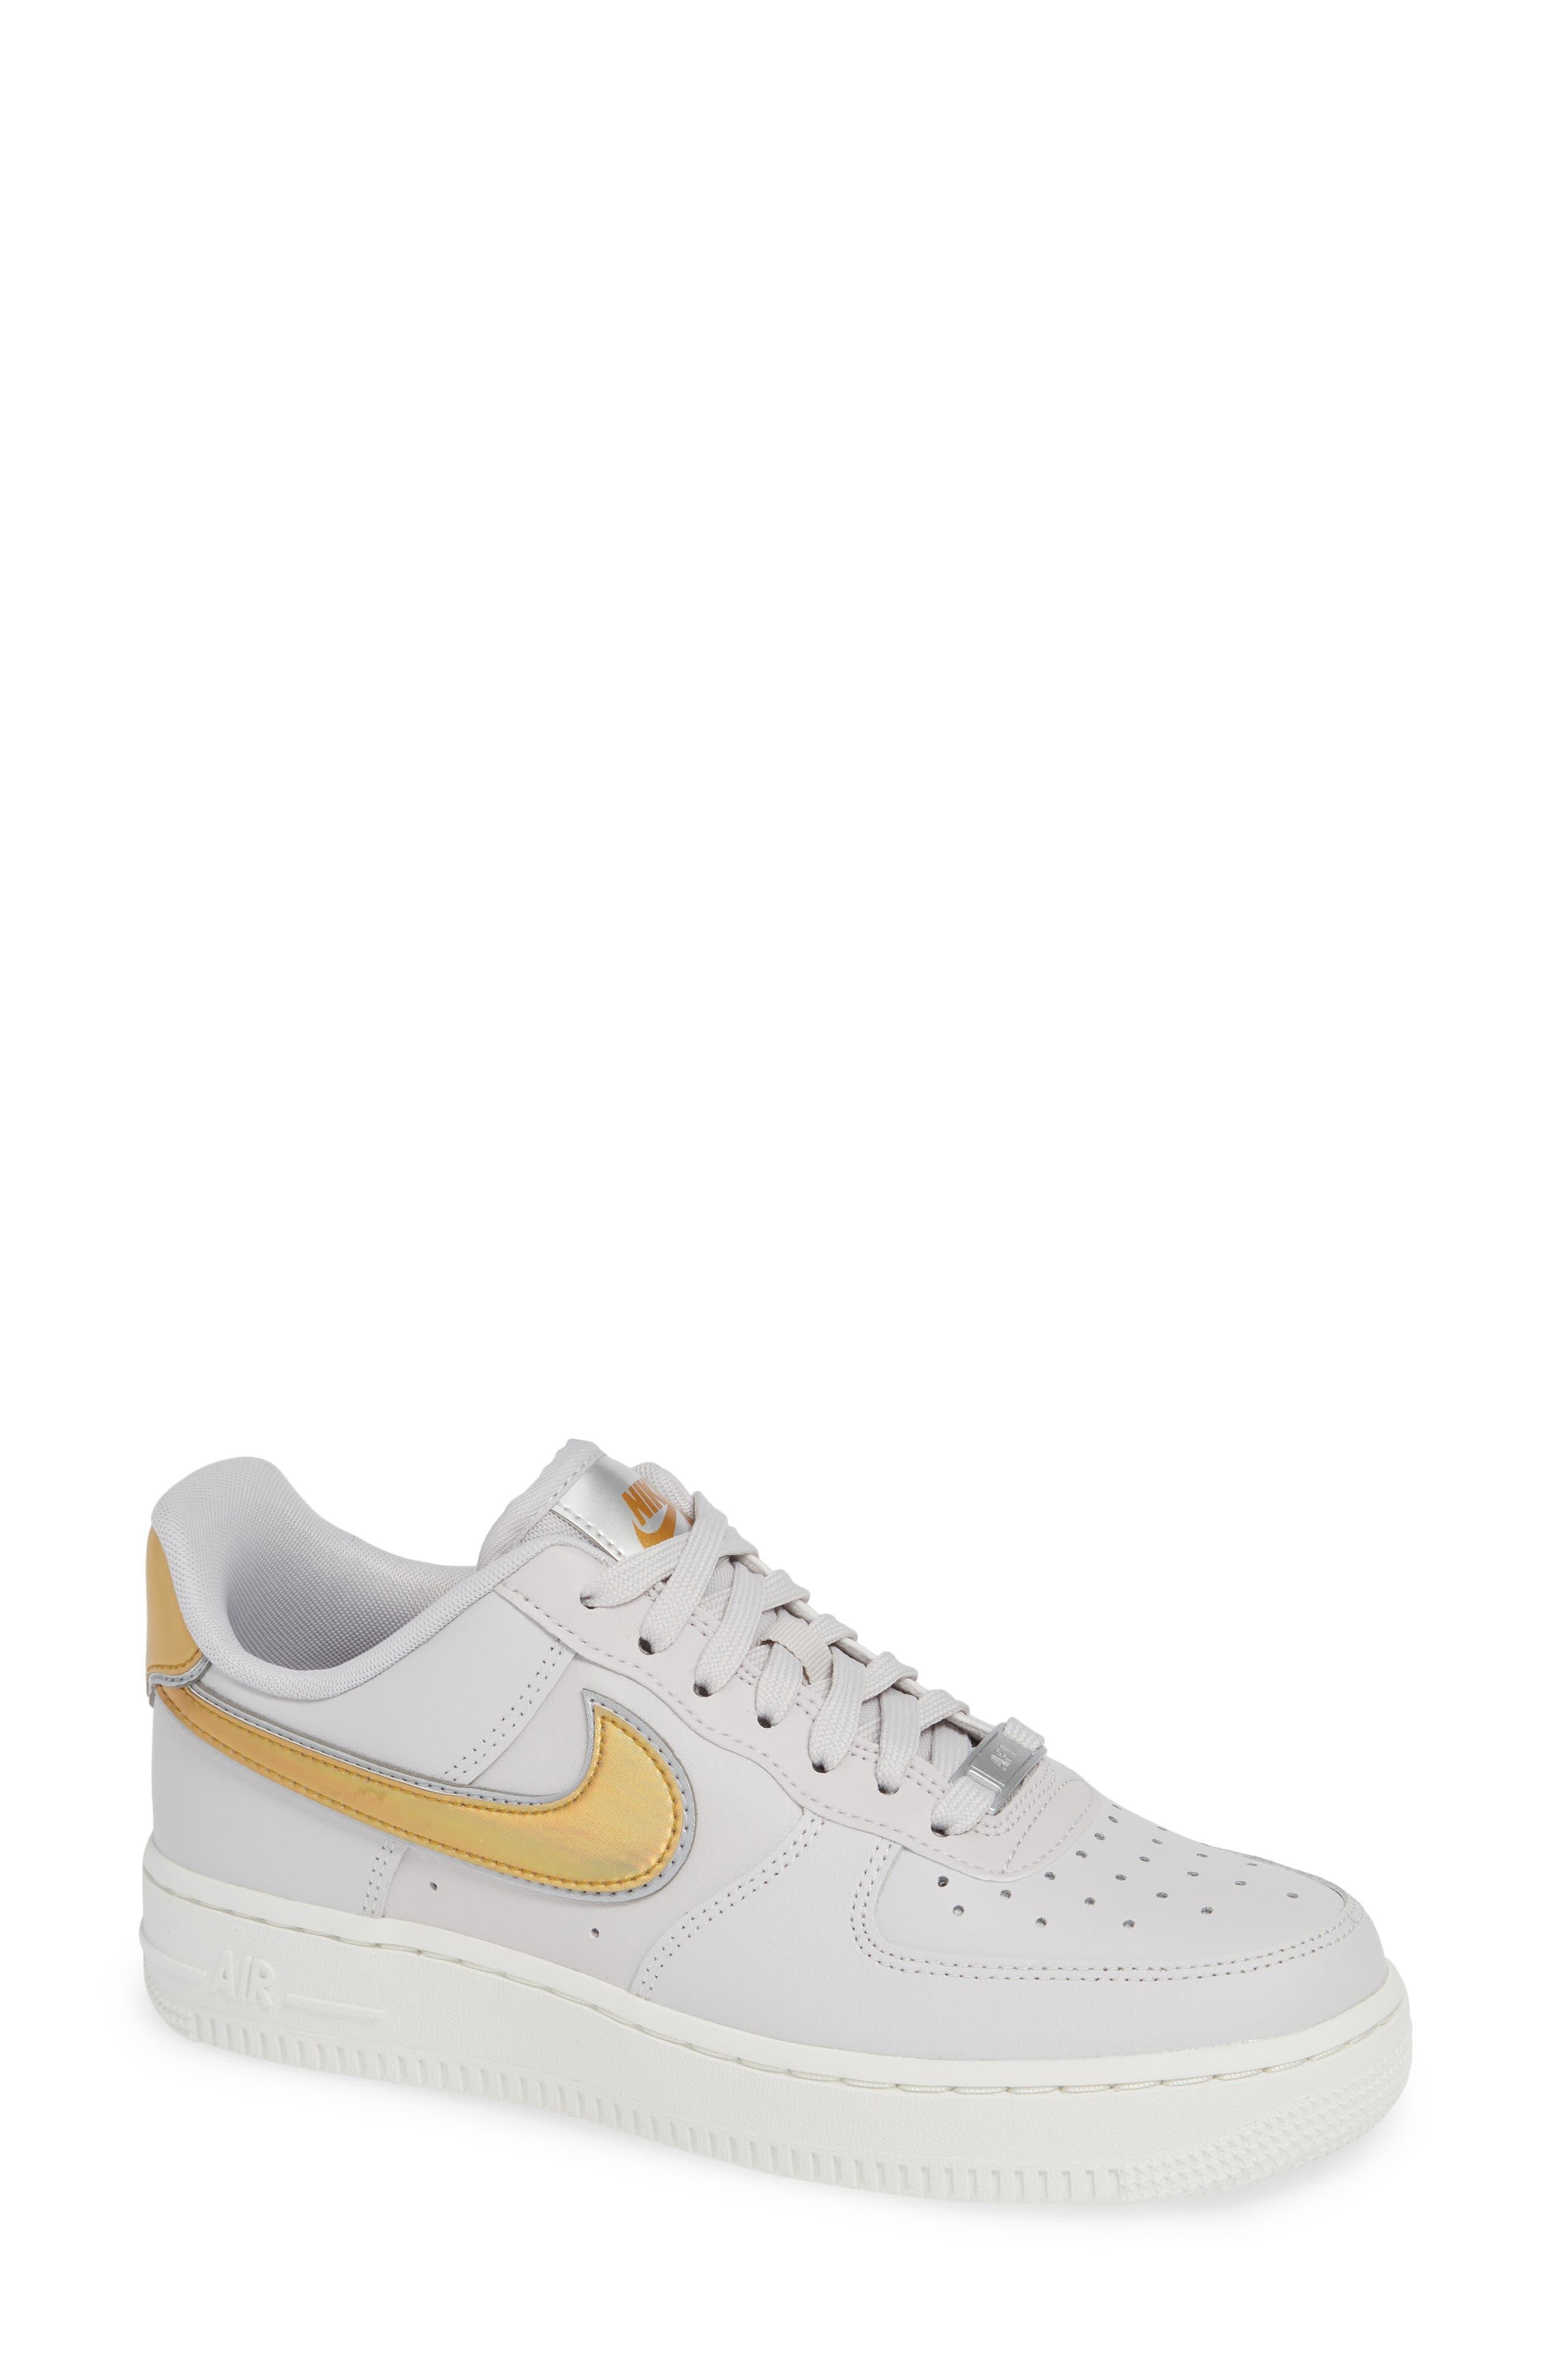 Air Force 1 '07 Premium Sneaker,                         Main,                         color, GREY/ METALLIC GOLD- WHITE